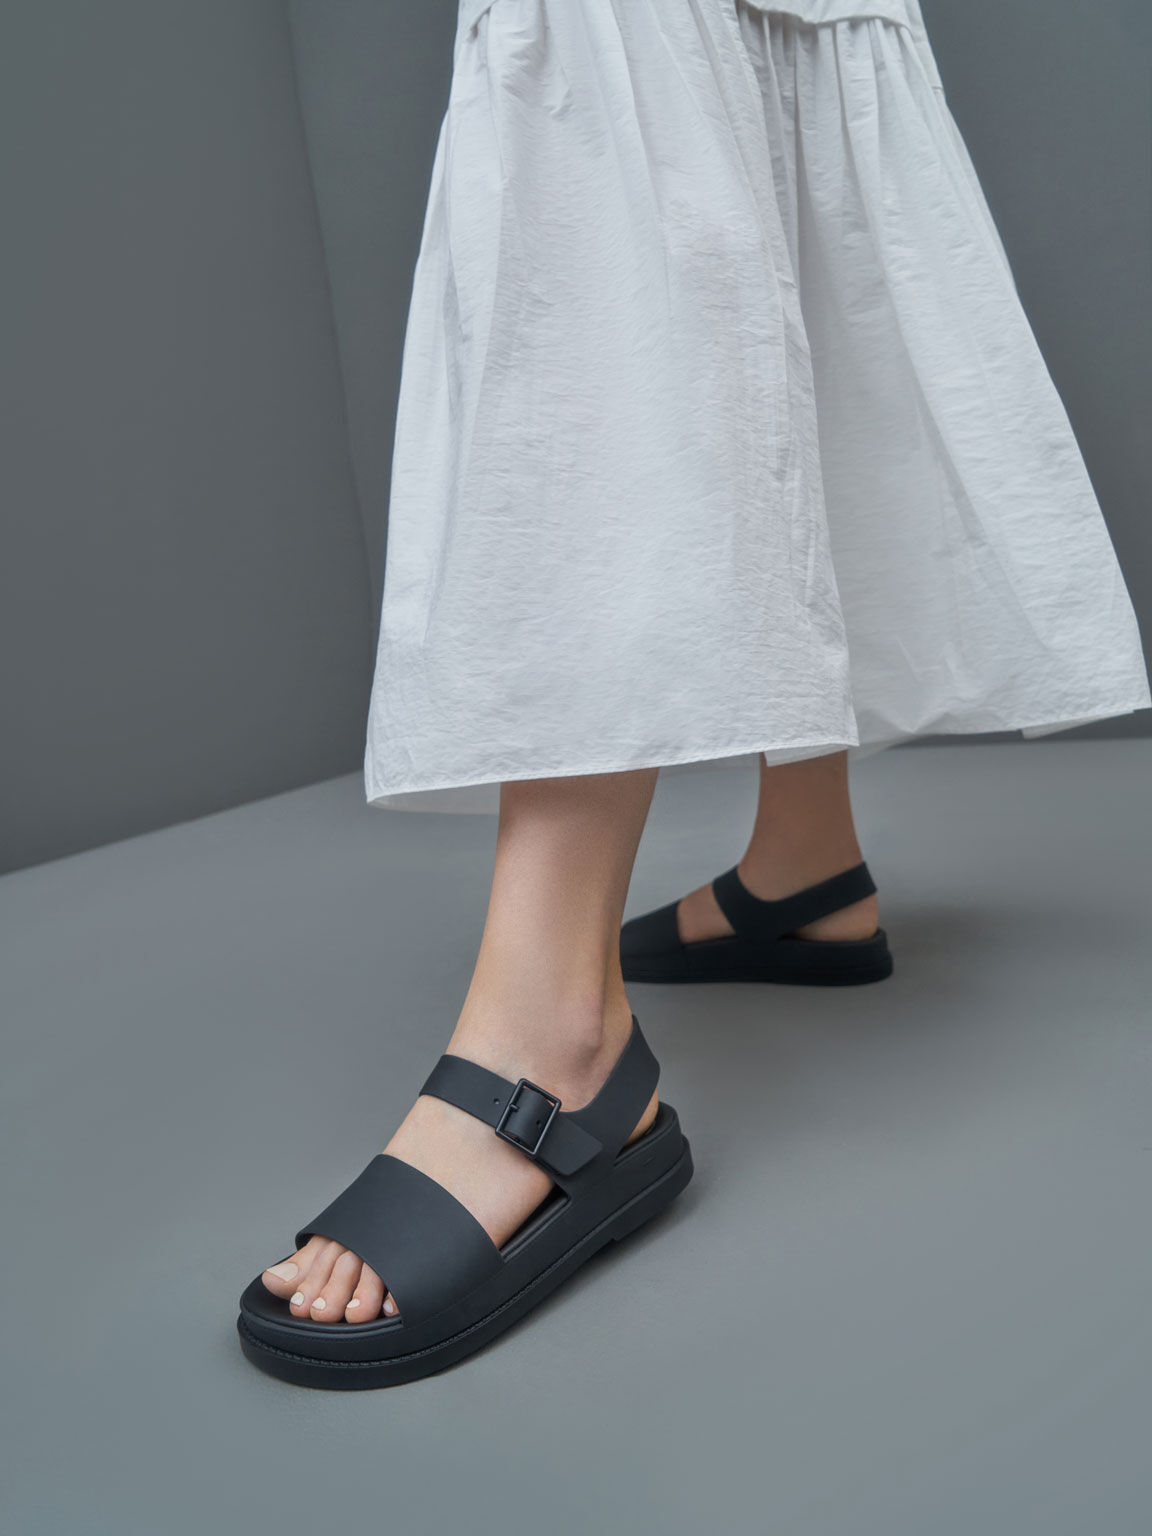 Buckle Strap Flatform Sandals, Black, hi-res